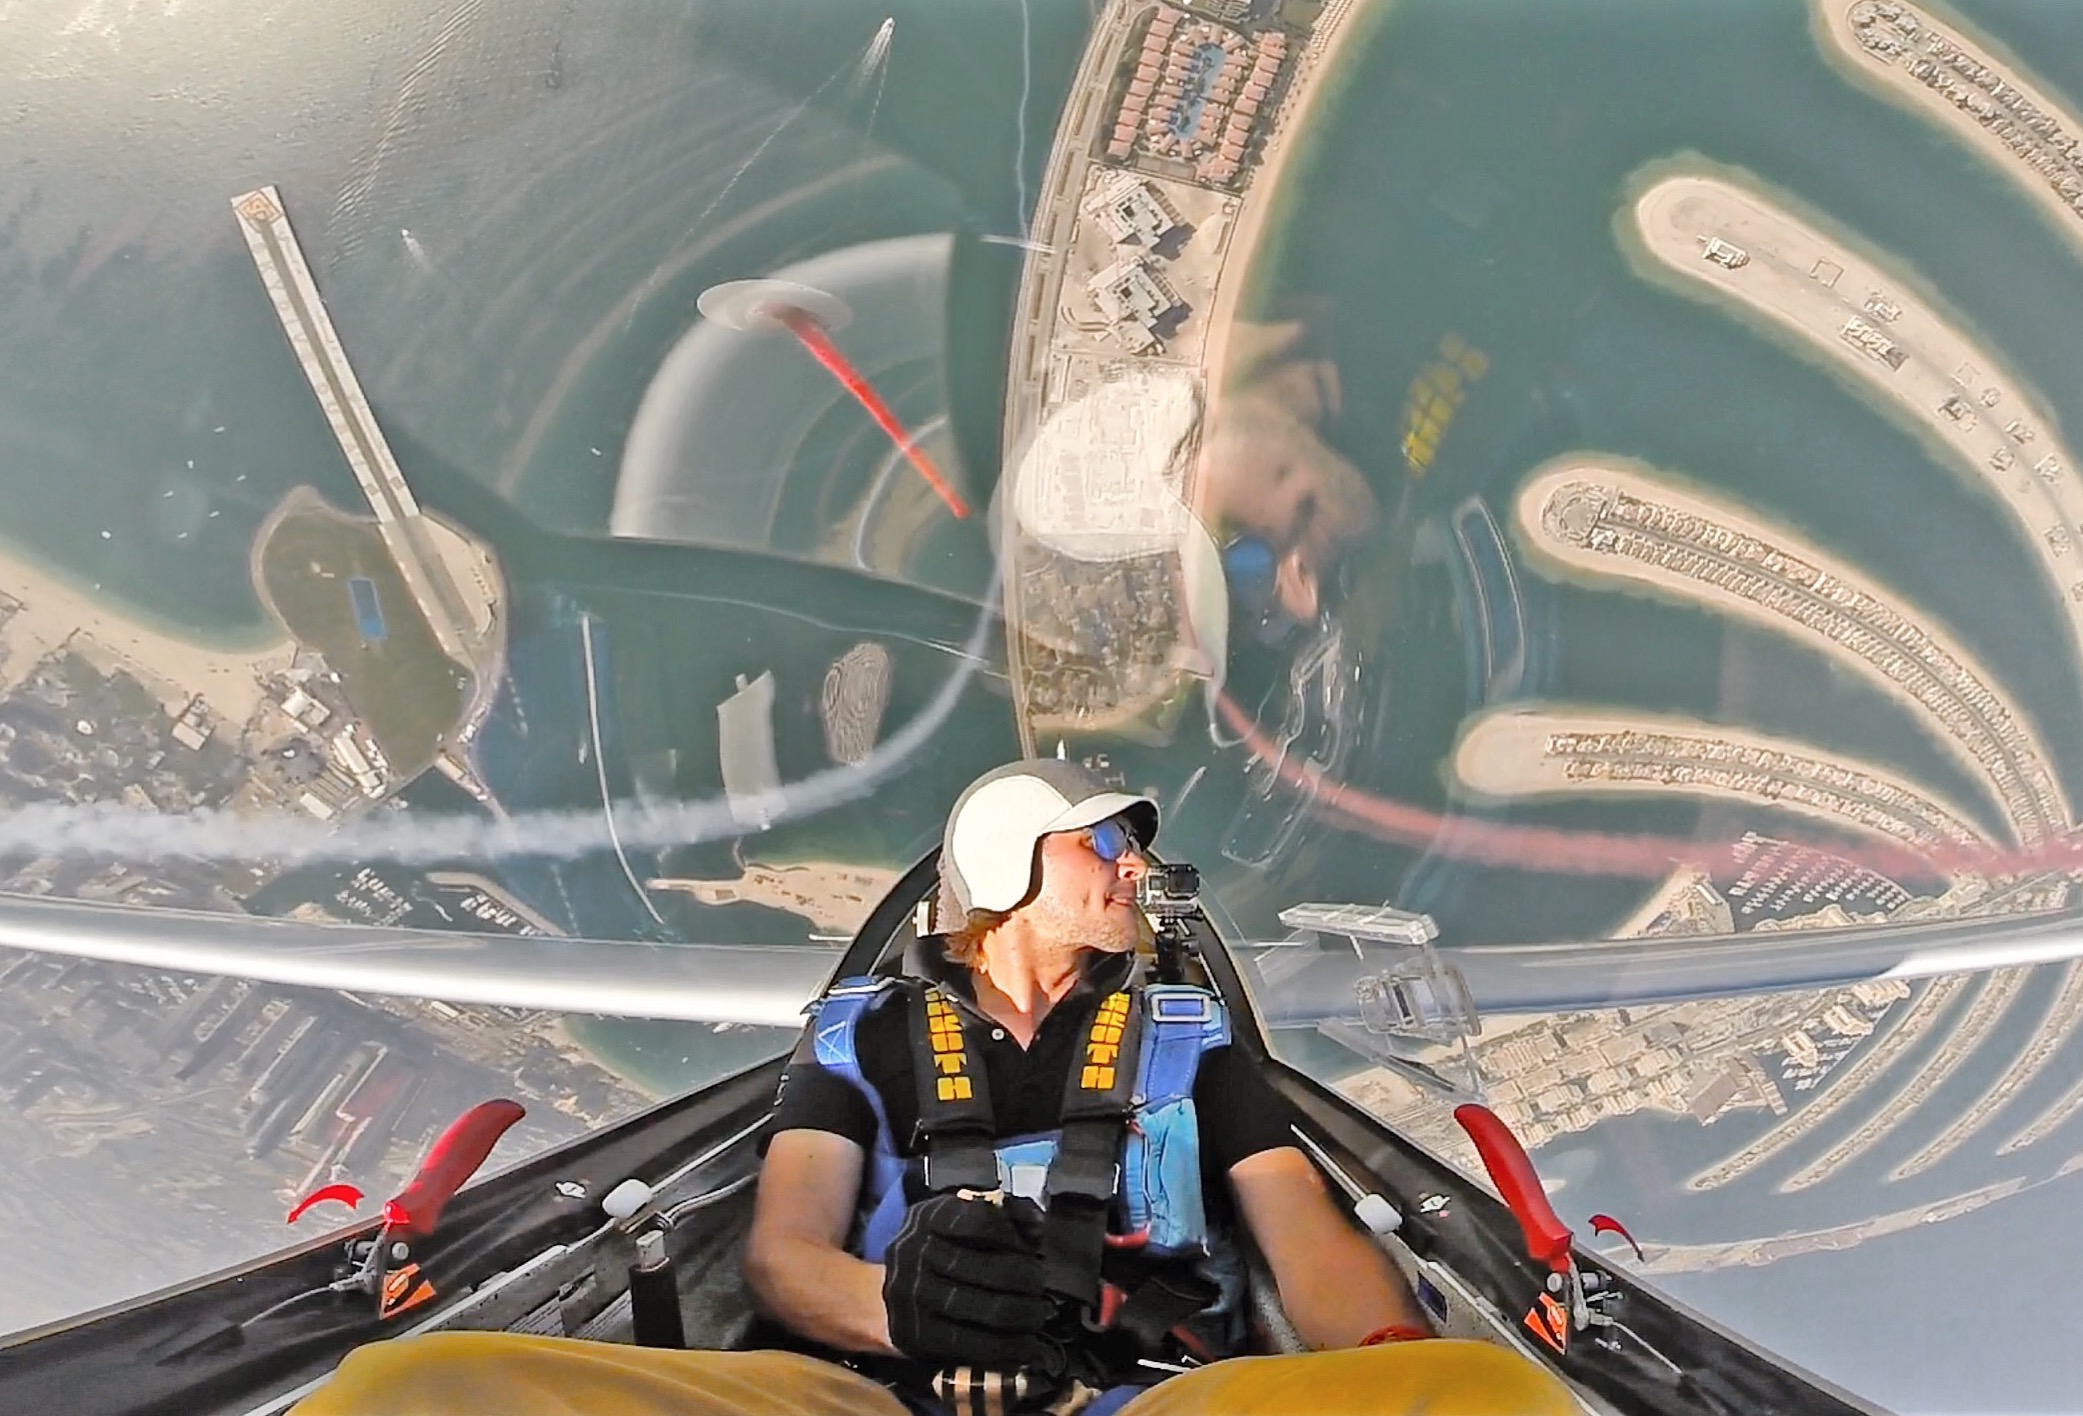 Episode 56: Eric the aerobatic glider pilot